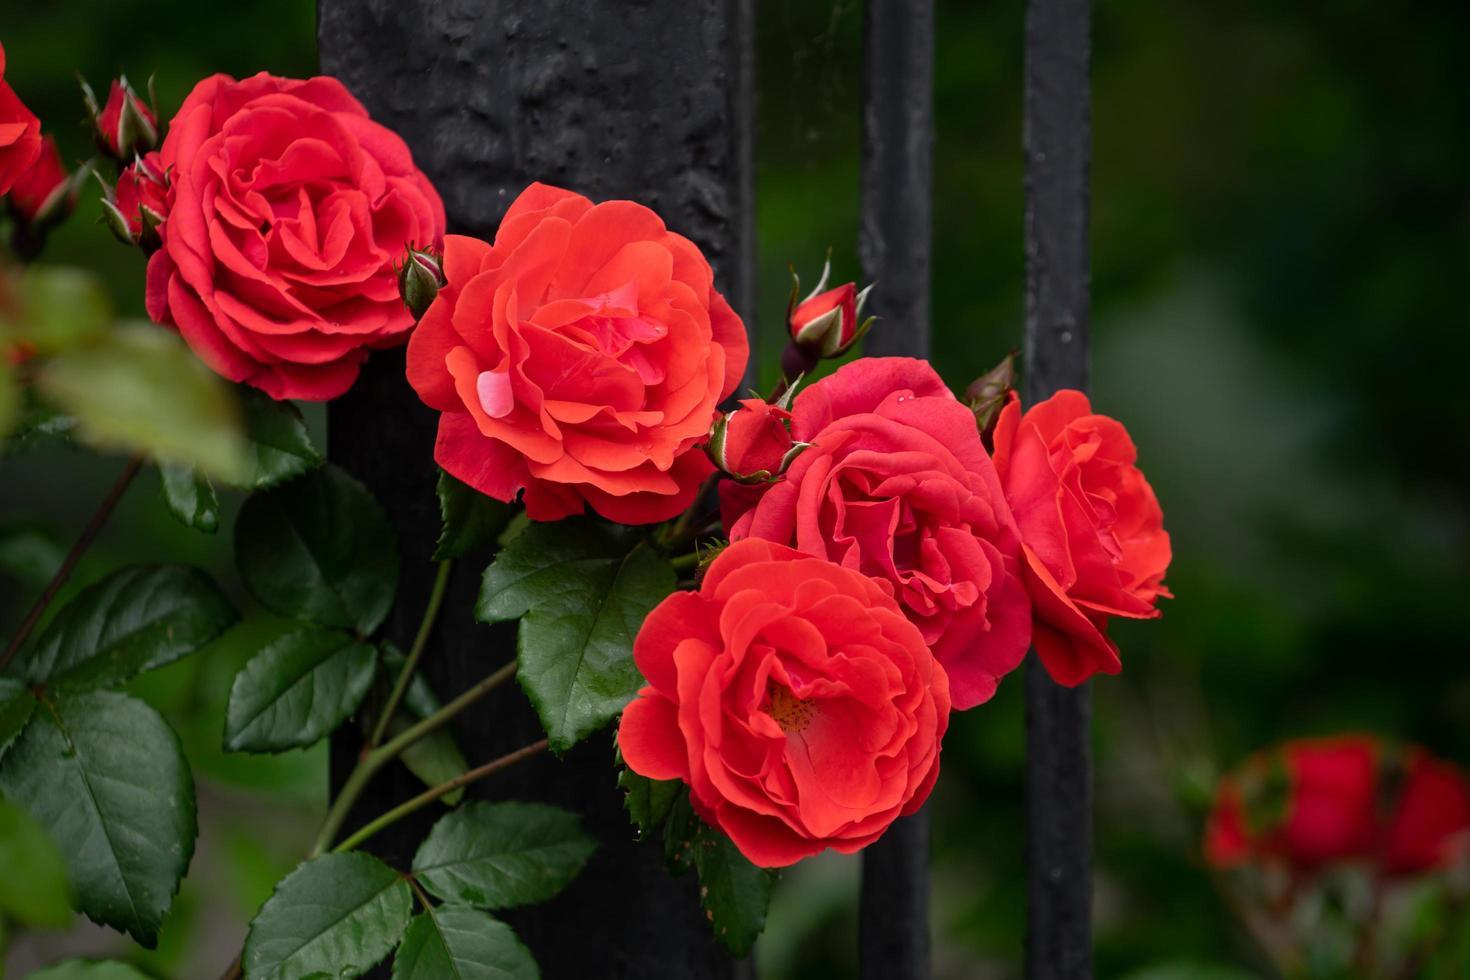 roses rouges sur un buisson dans un jardin photo